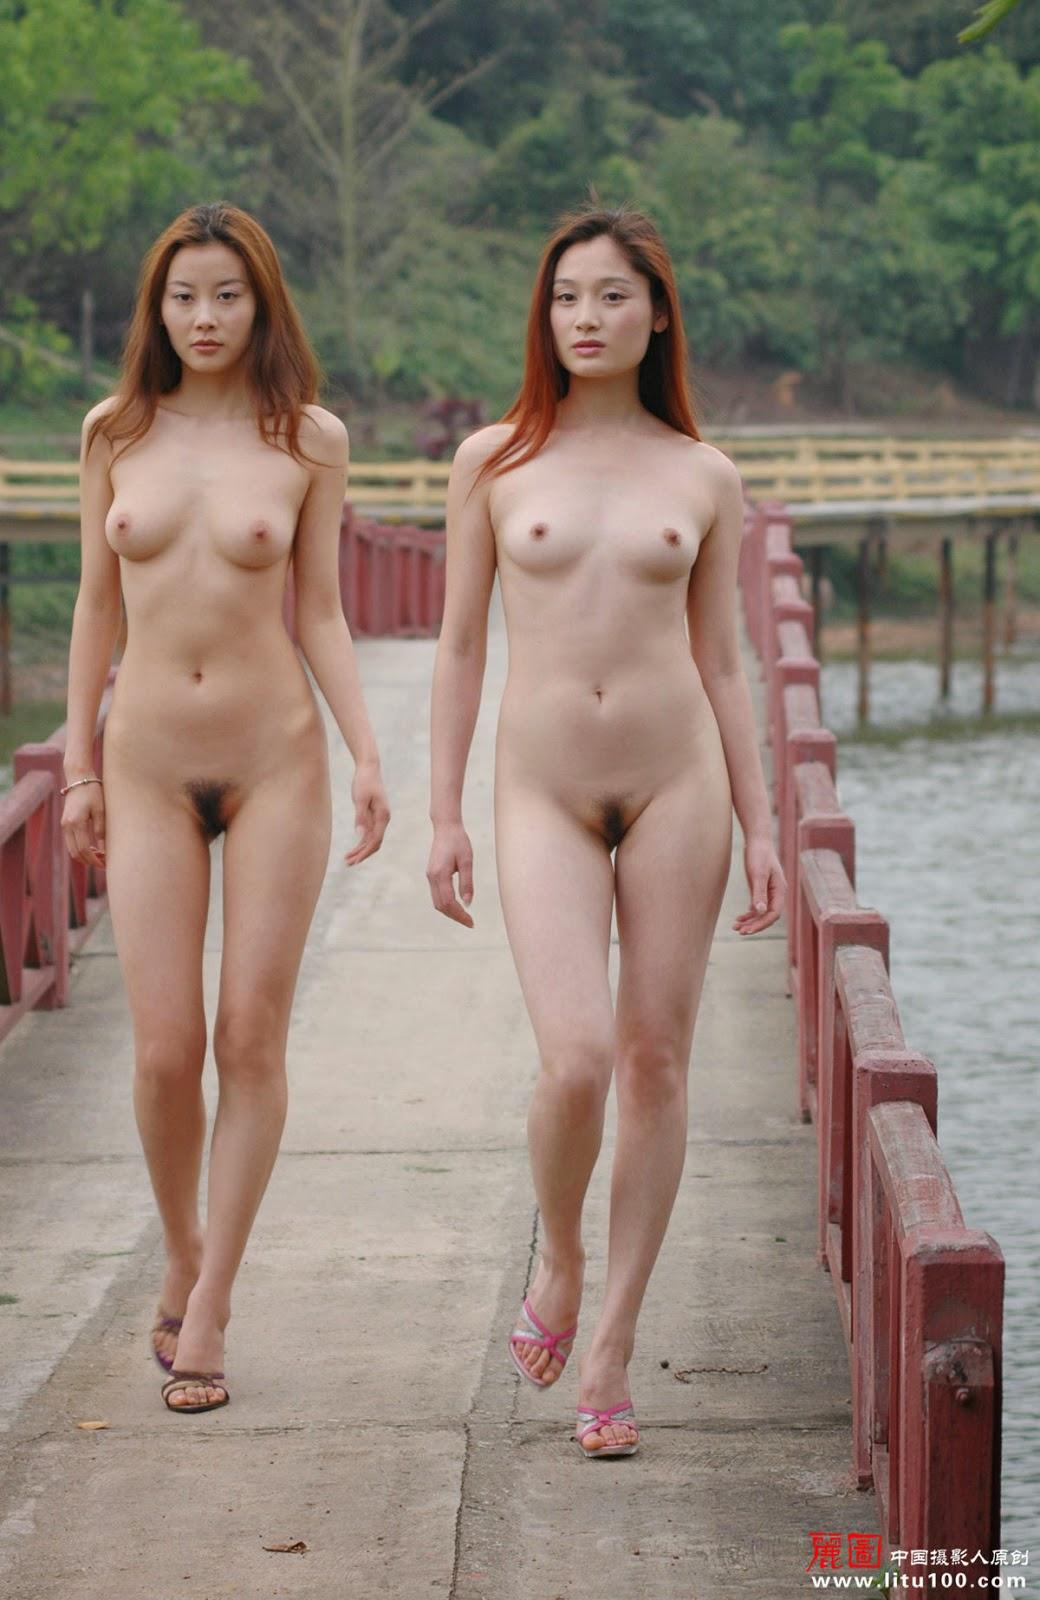 free vietnam girl nude photos